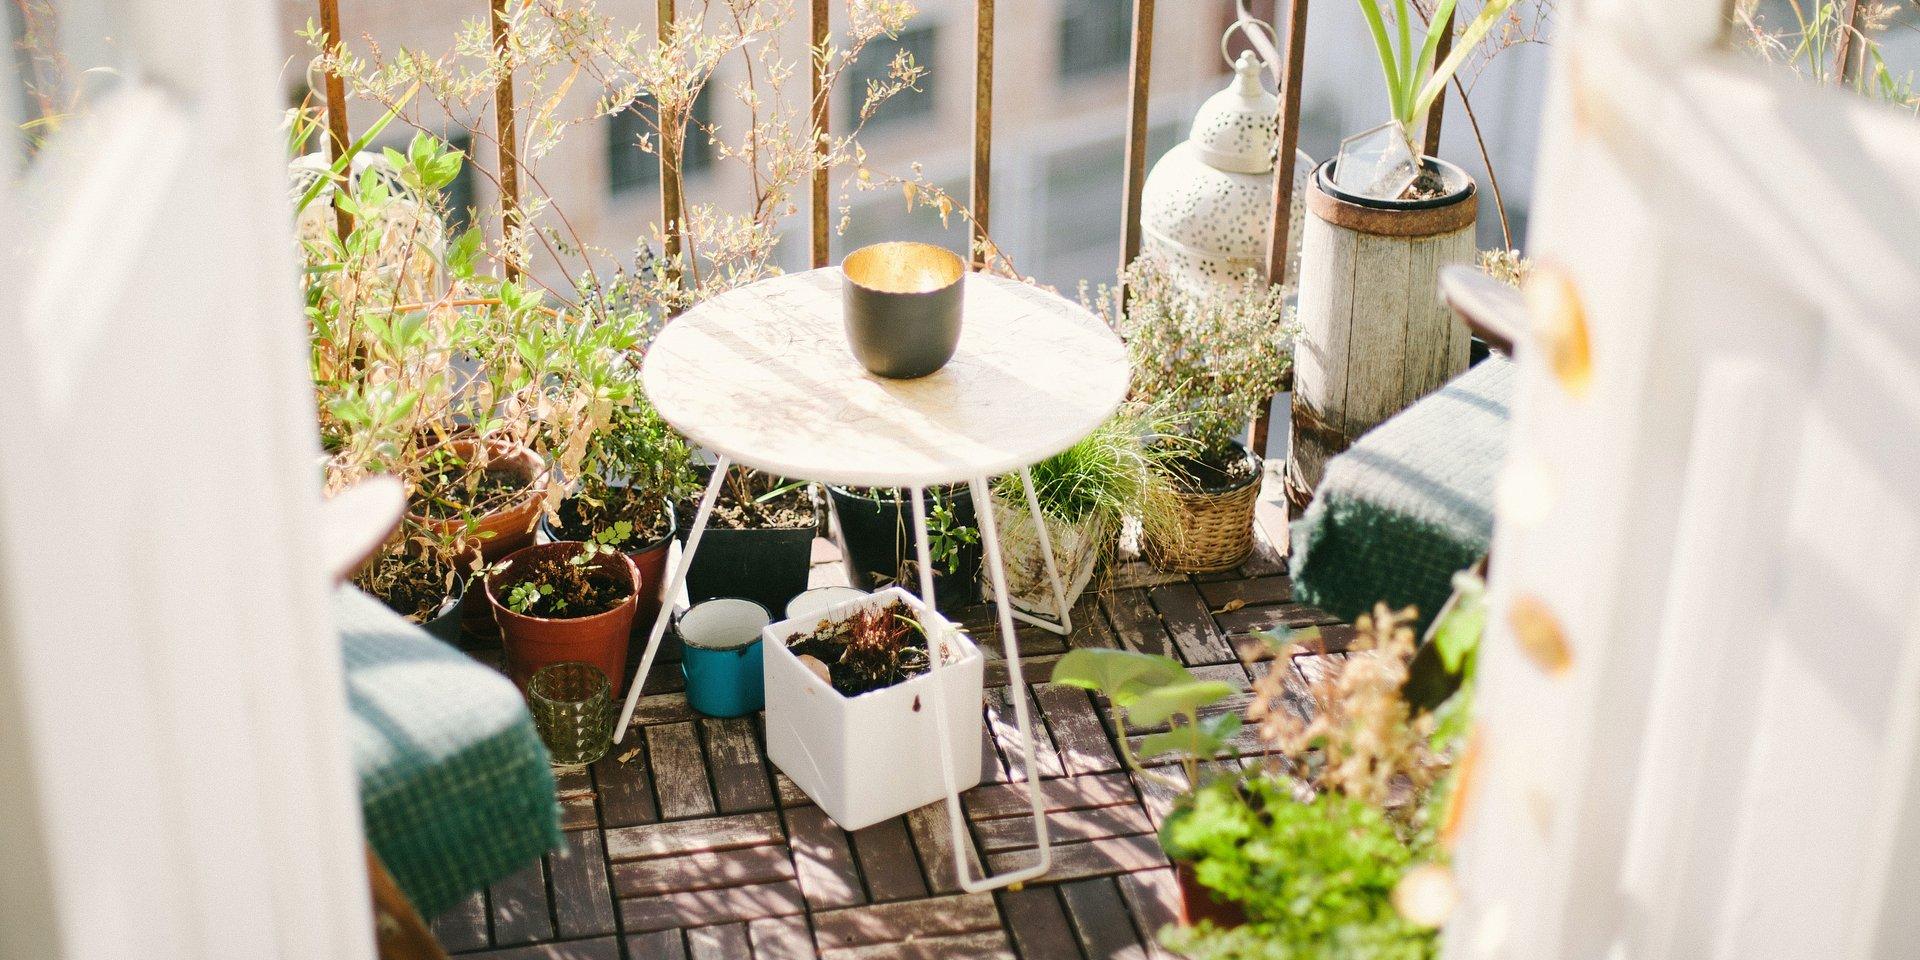 Jak stworzyć swój azyl w miejskiej dżungli? Poznaj sposoby na ogród w bloku!